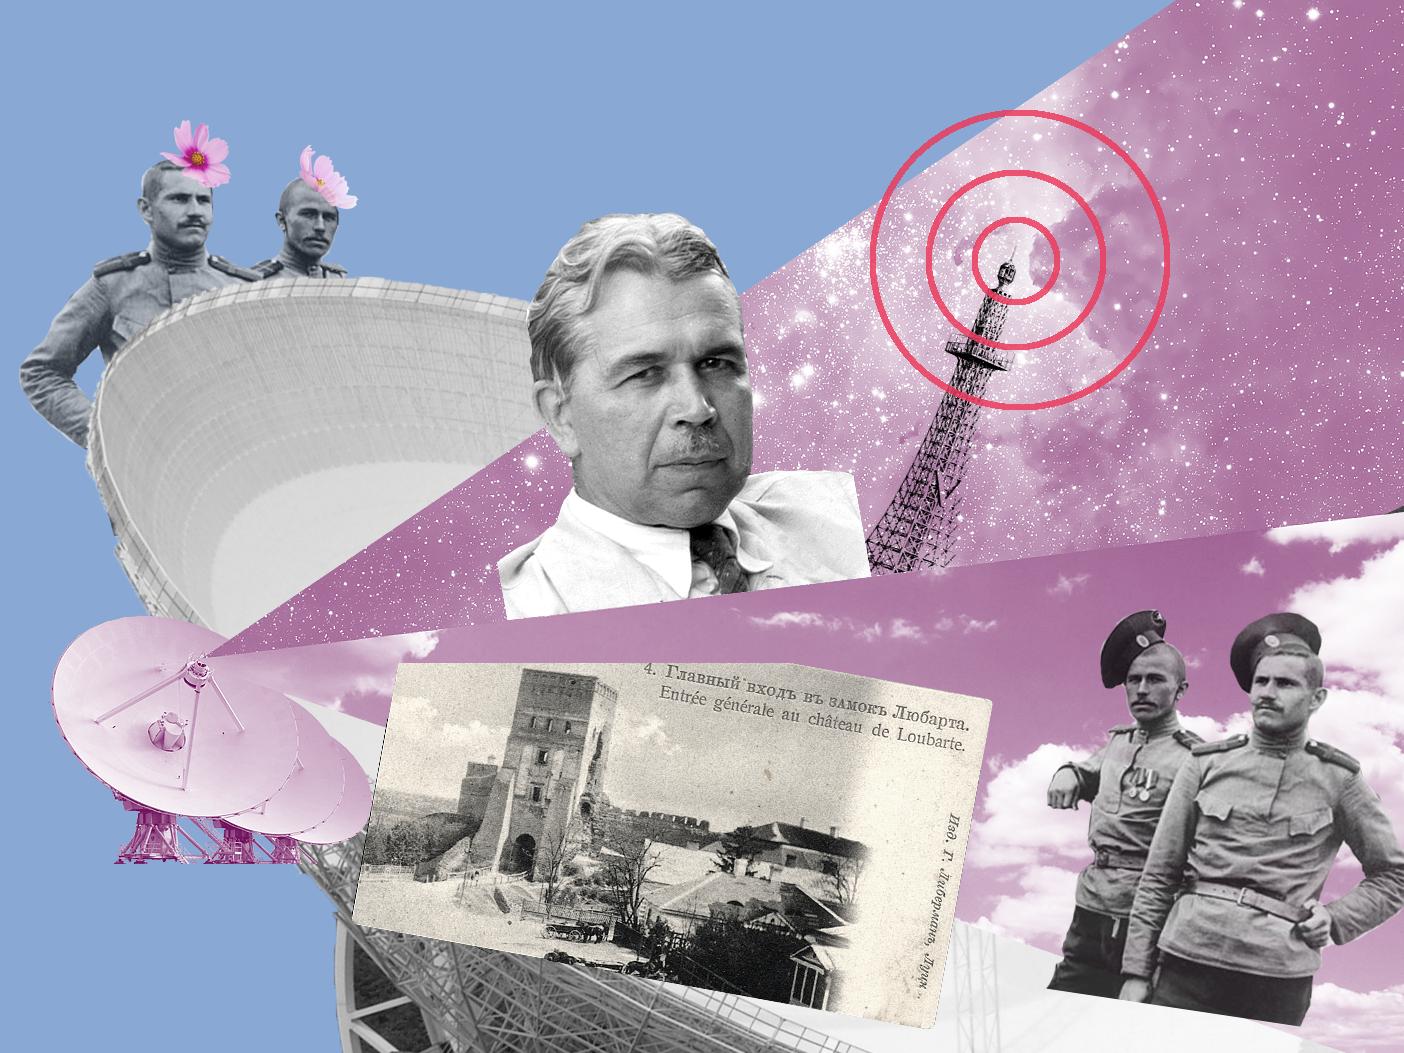 Майже нобелівський лауреат про Луцьк 1916: фізика, війна і романтизм